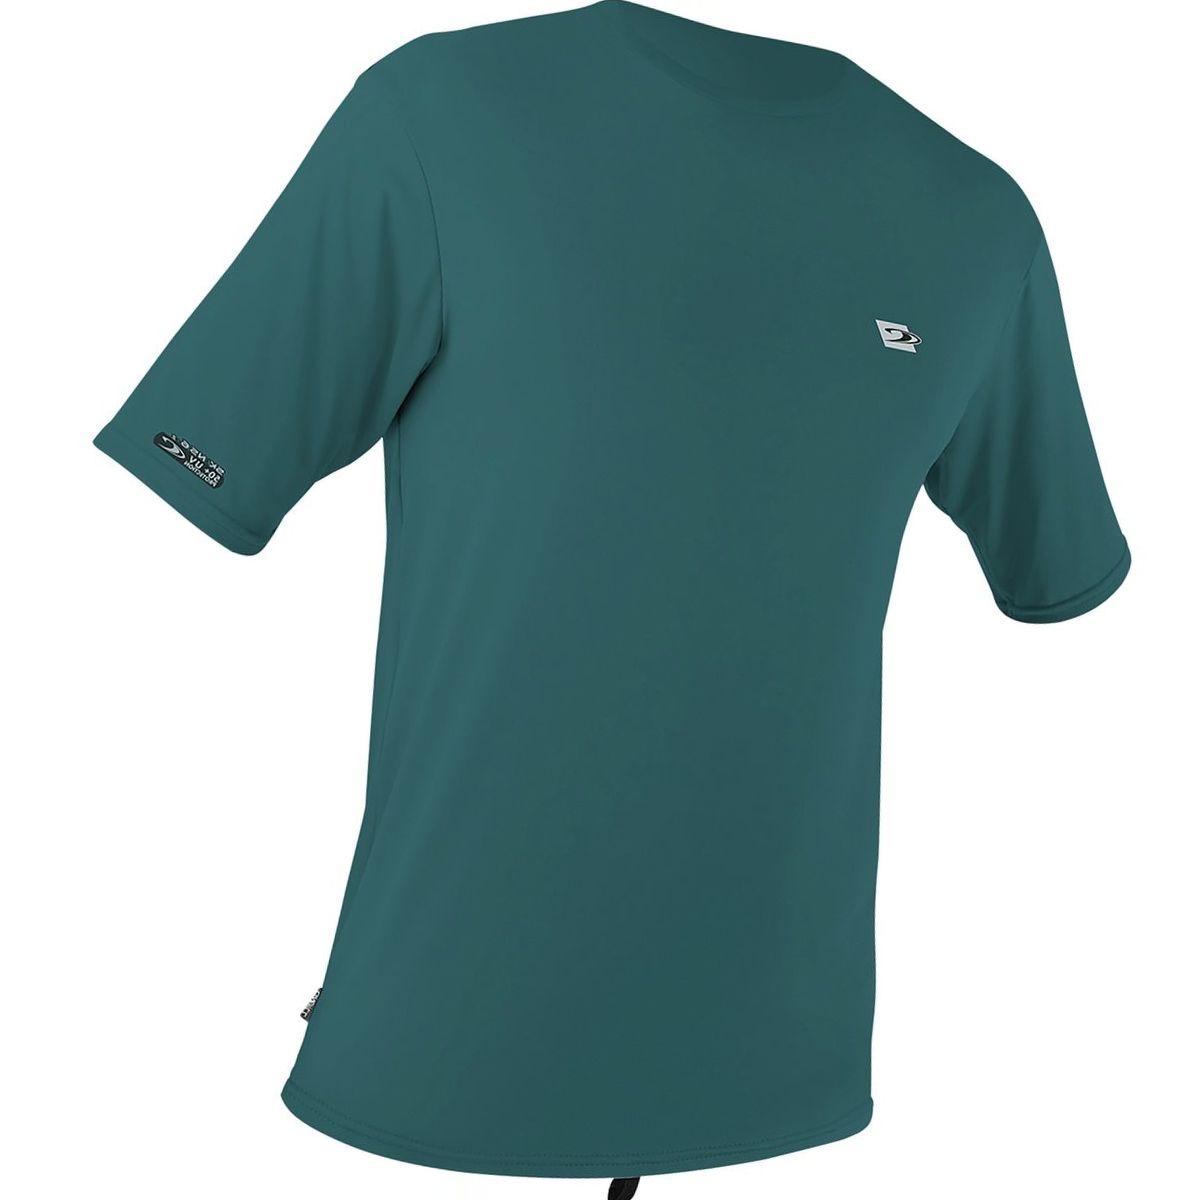 O'Neill Premium Skins Sun Short-Sleeve Shirt - Men's